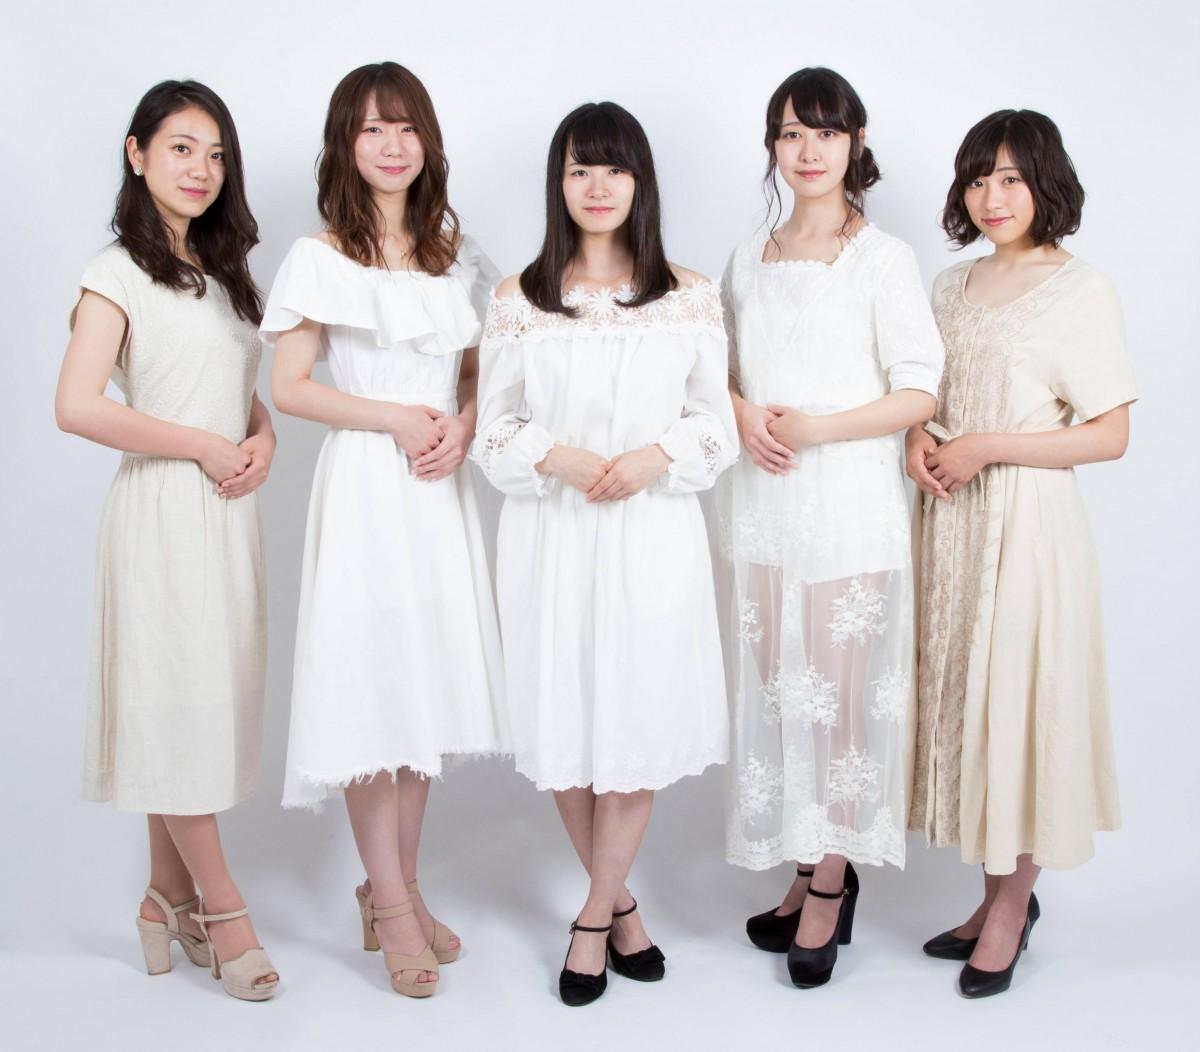 ミス埼大コンテスト2018 ファイナリストの5人